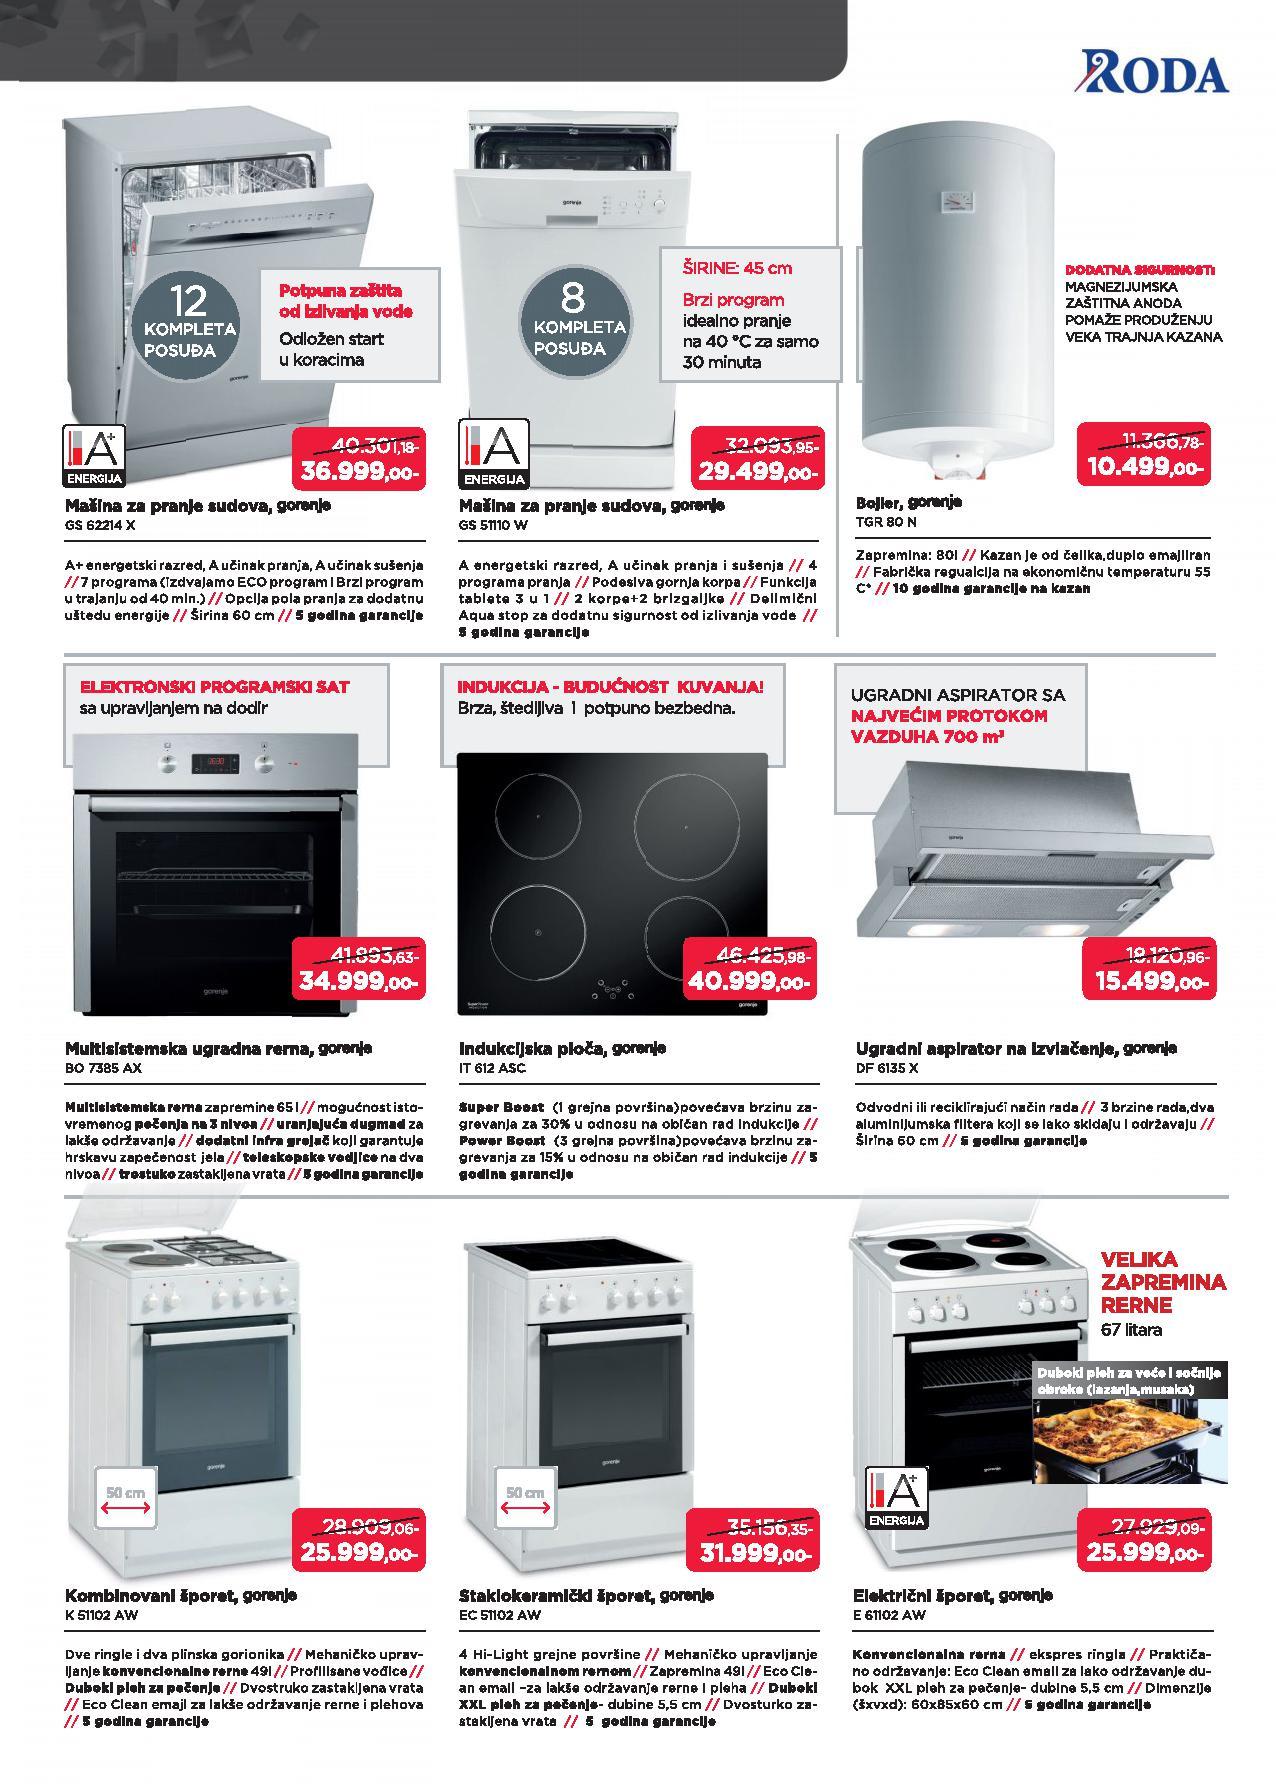 Roda katalog odlična ponuda Gorenje proizvoda